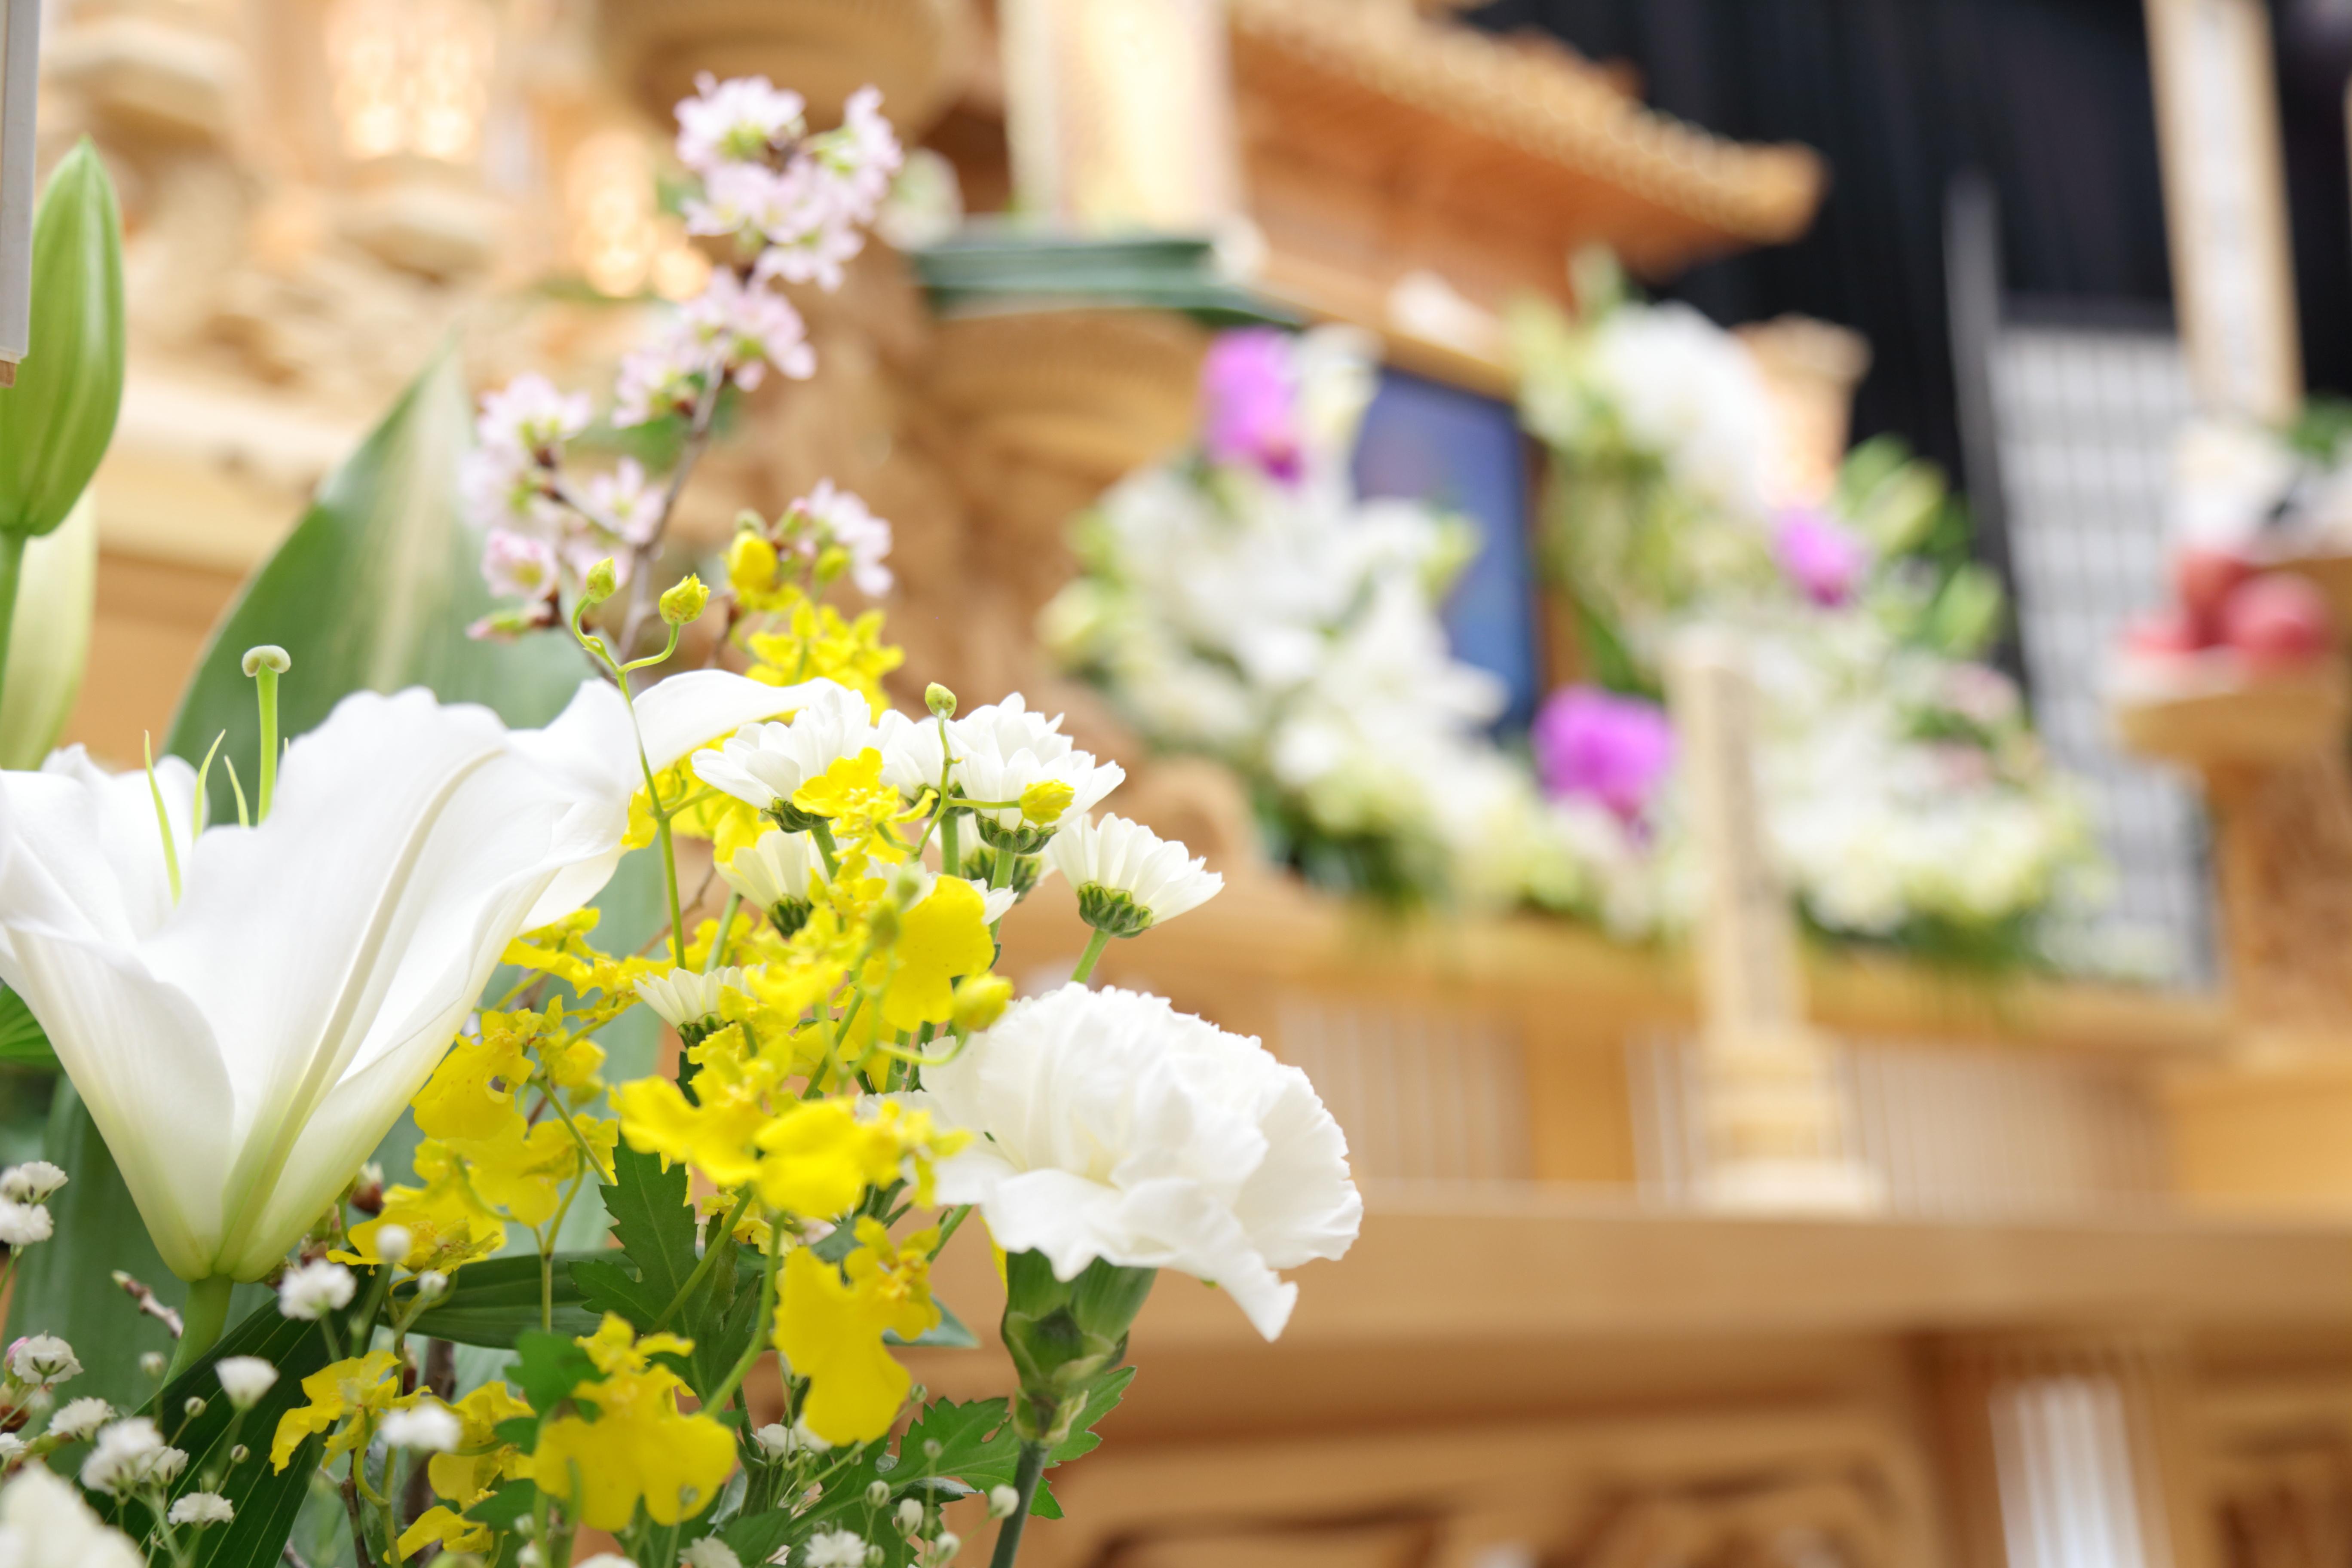 【葬儀】お布施のお札の入れ方は?包み方・書き方・相場も解説のサムネイル画像